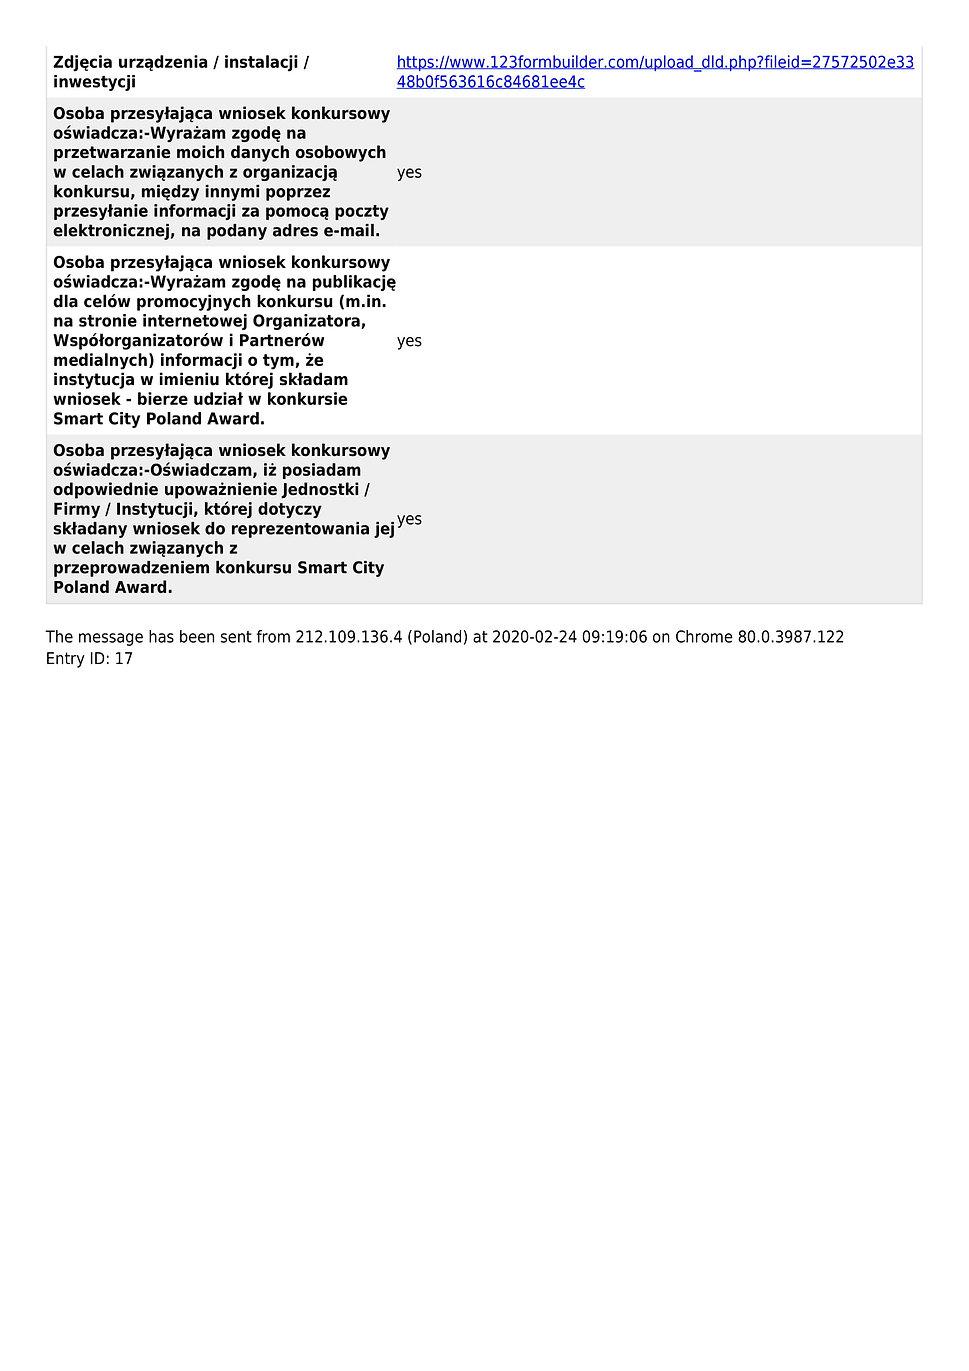 Ekoenergetyka.66387130-2.jpg